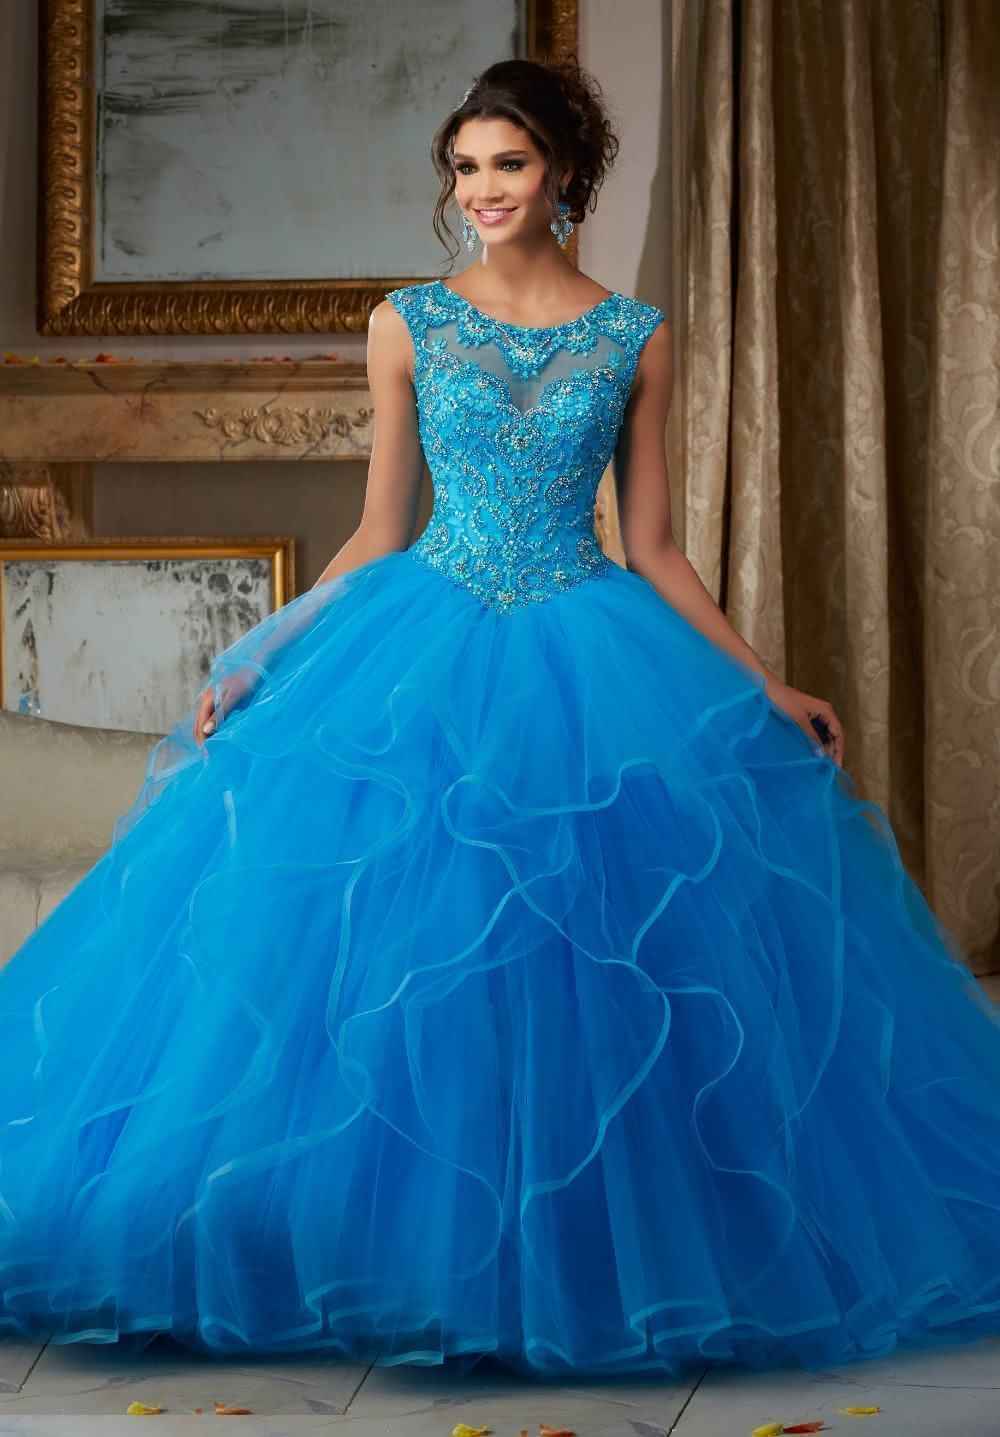 Baratos-Vestidos-de-Azul-Quinceanera-2016-Frisada-Tulle-vestidos-de-Novia-15-anos-Bola-Vestidos-de